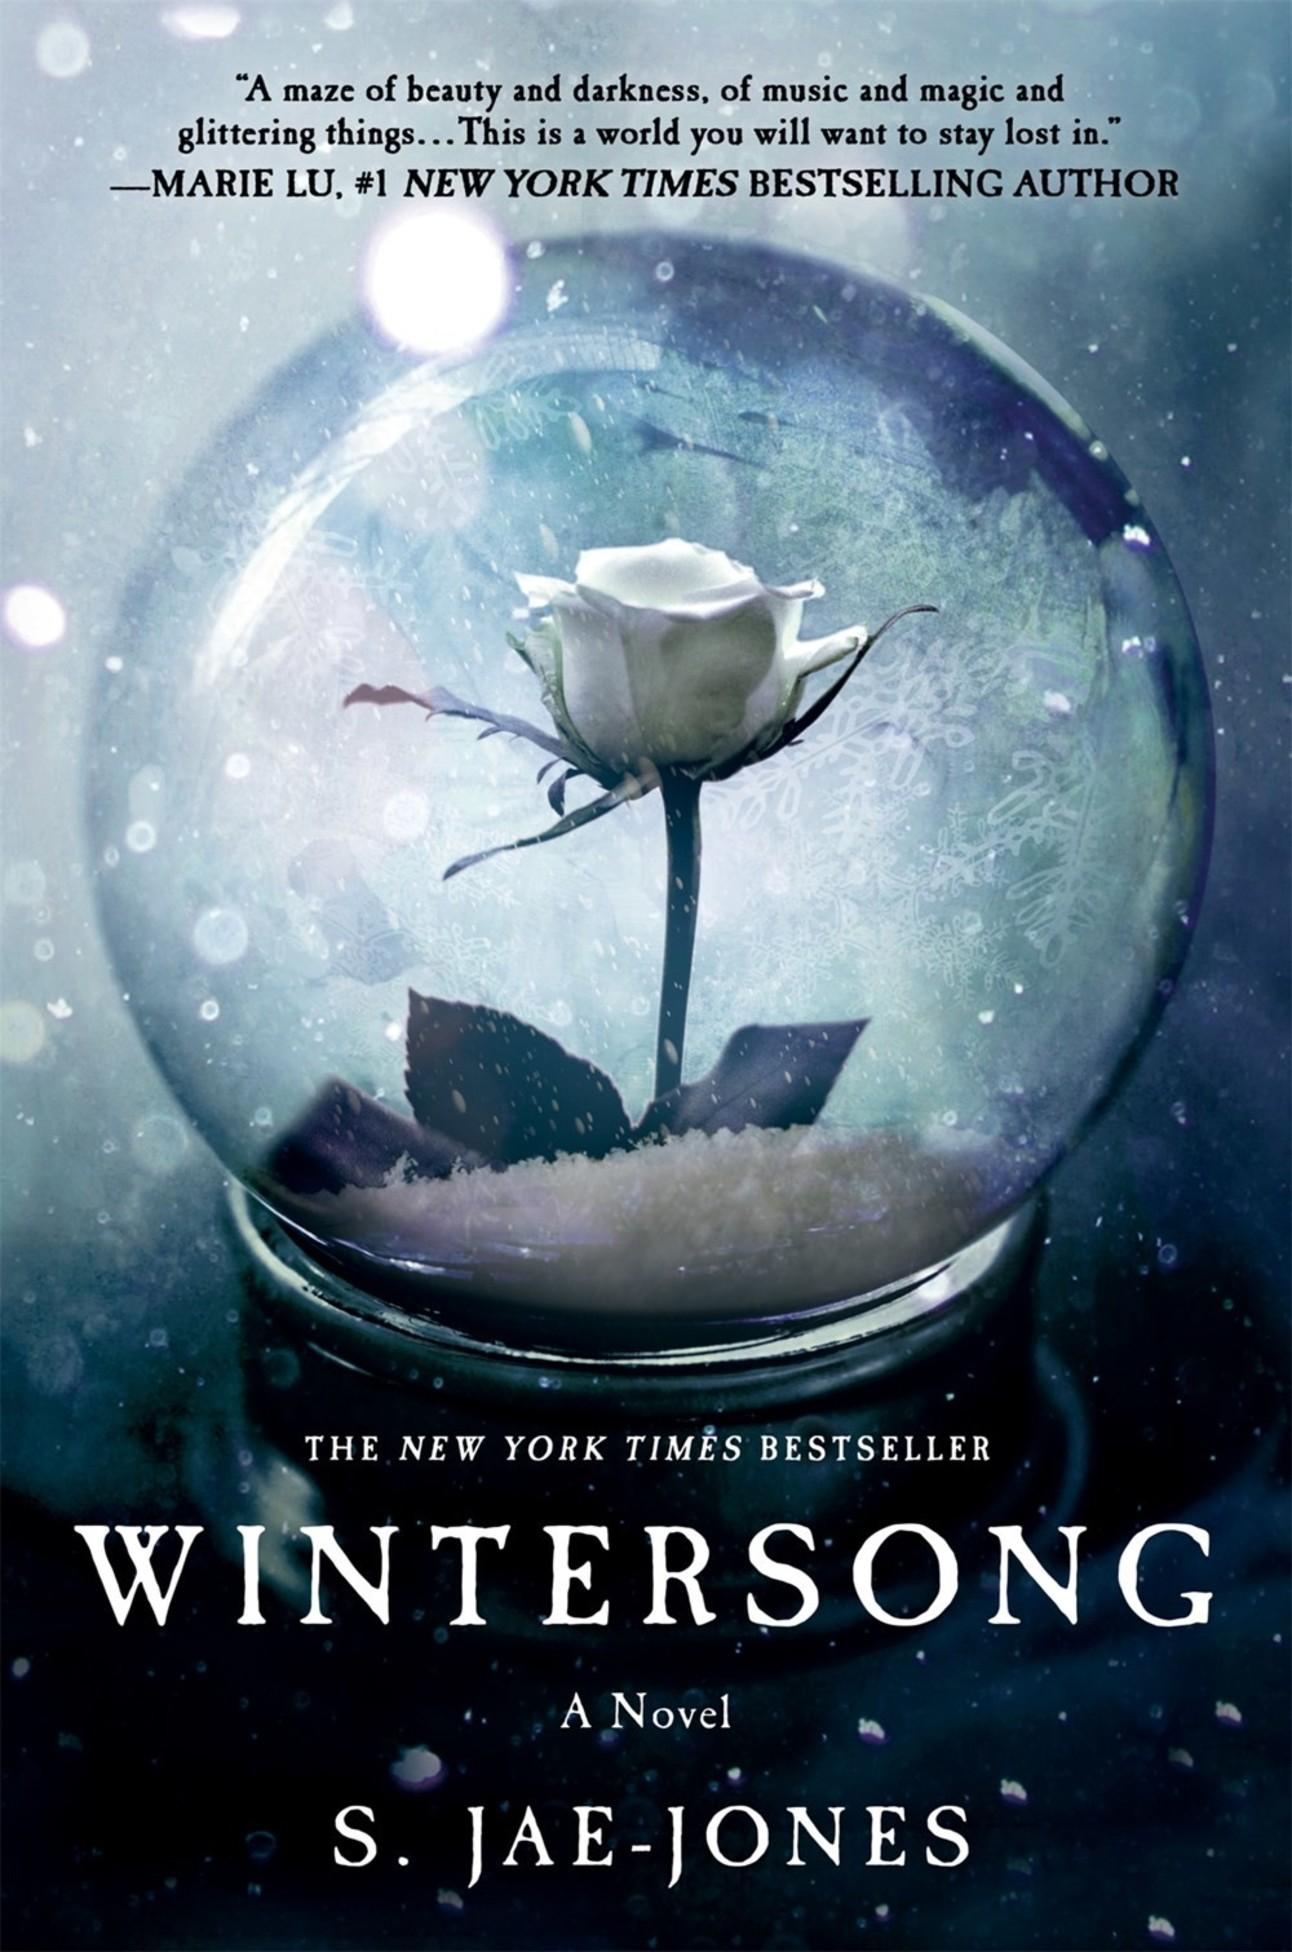 wintersong by s. jae jones